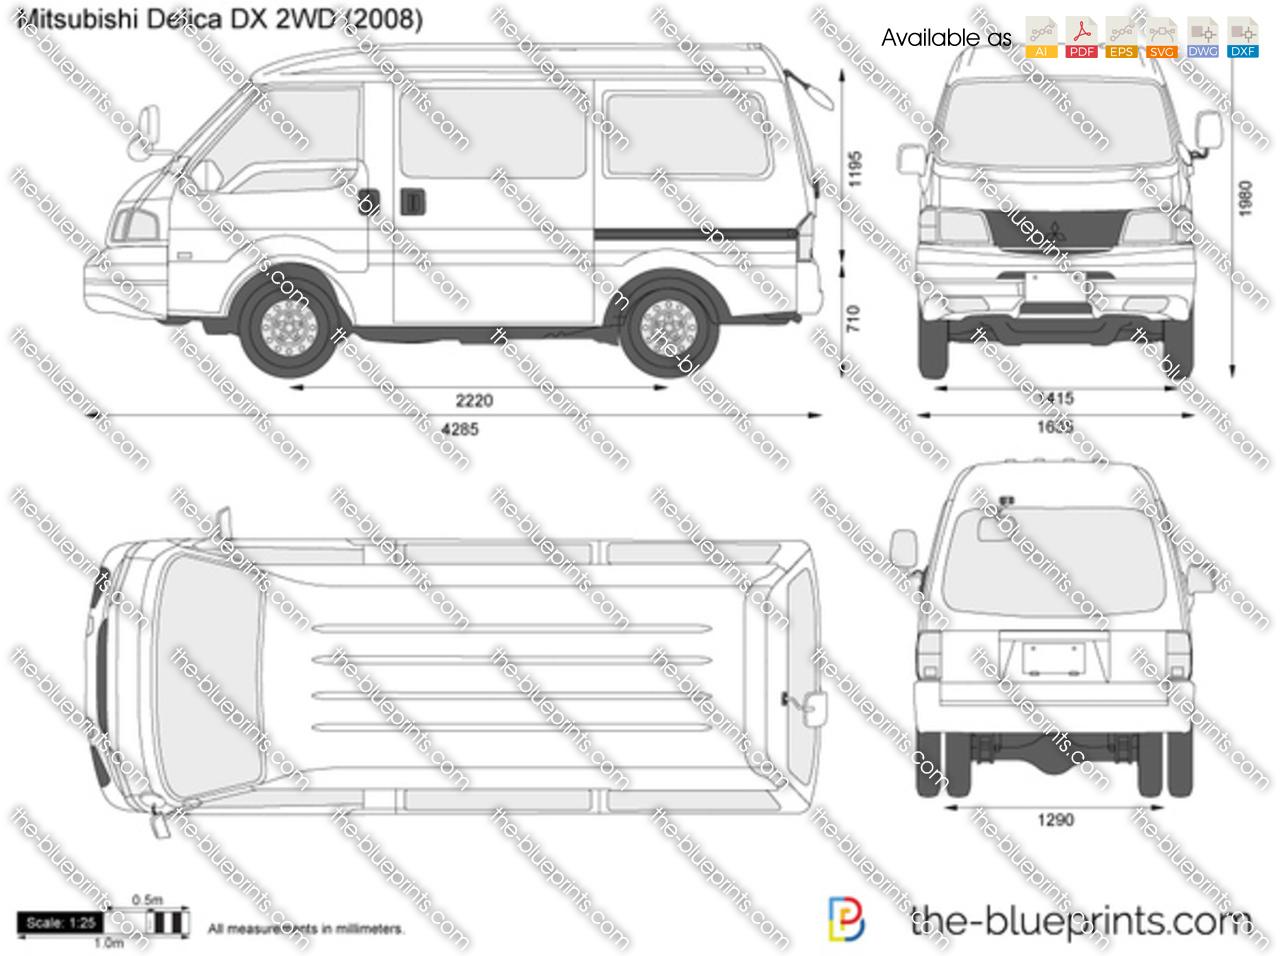 Mitsubishi Delica DX 2WD 1987